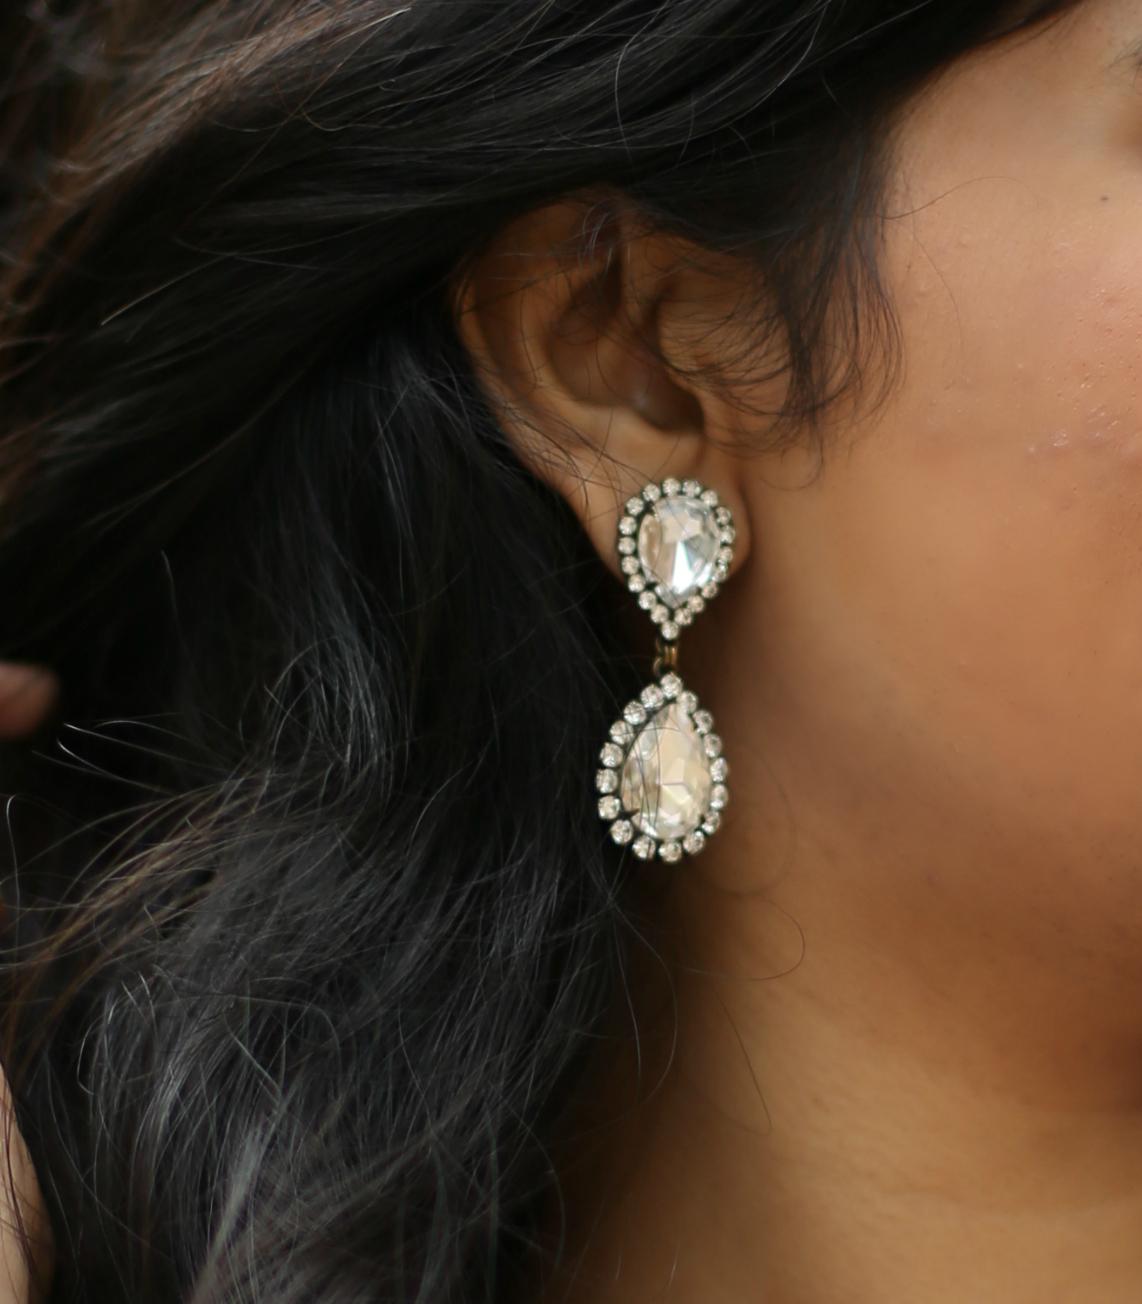 loren-hope-abba-earrings